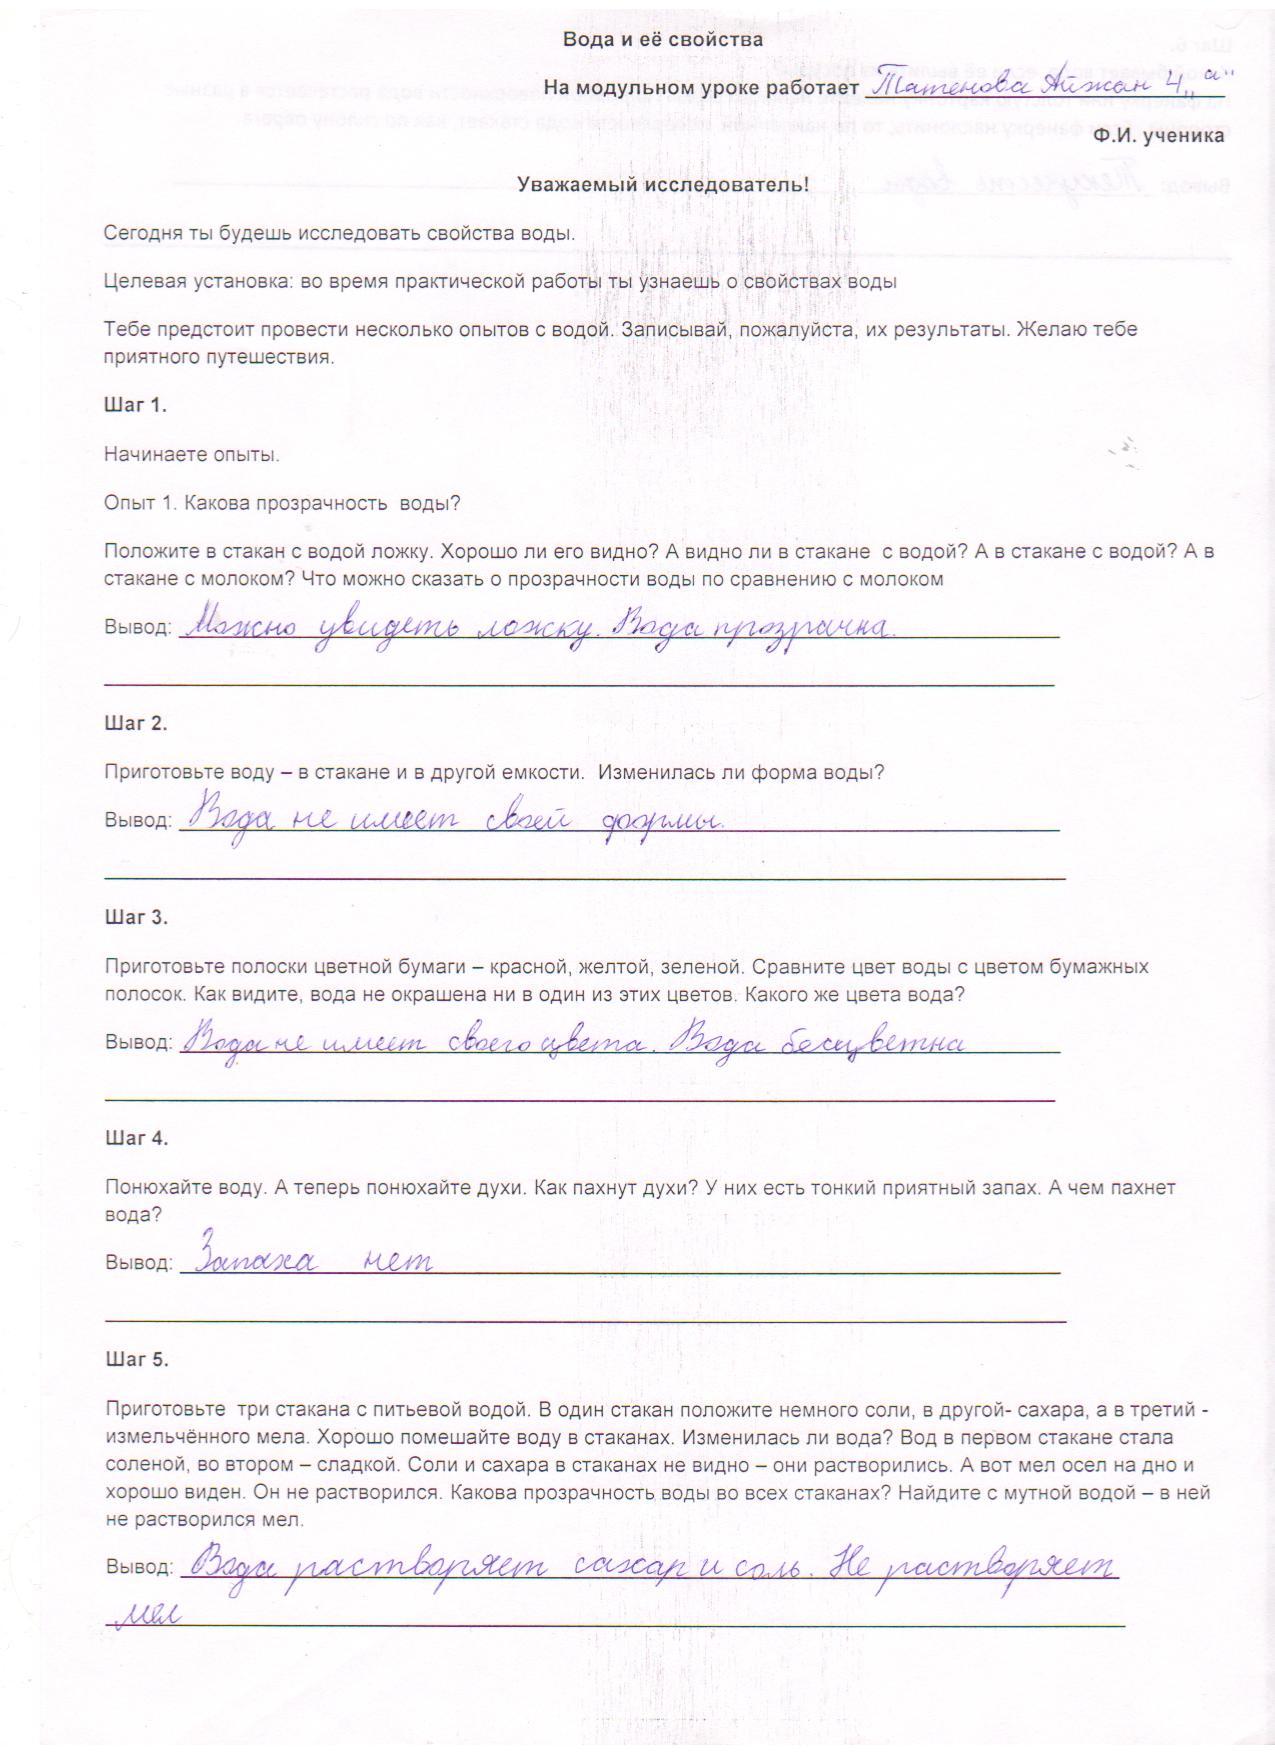 D:\Мои документы\Загрузки\сканерование\Изображение 003.jpg